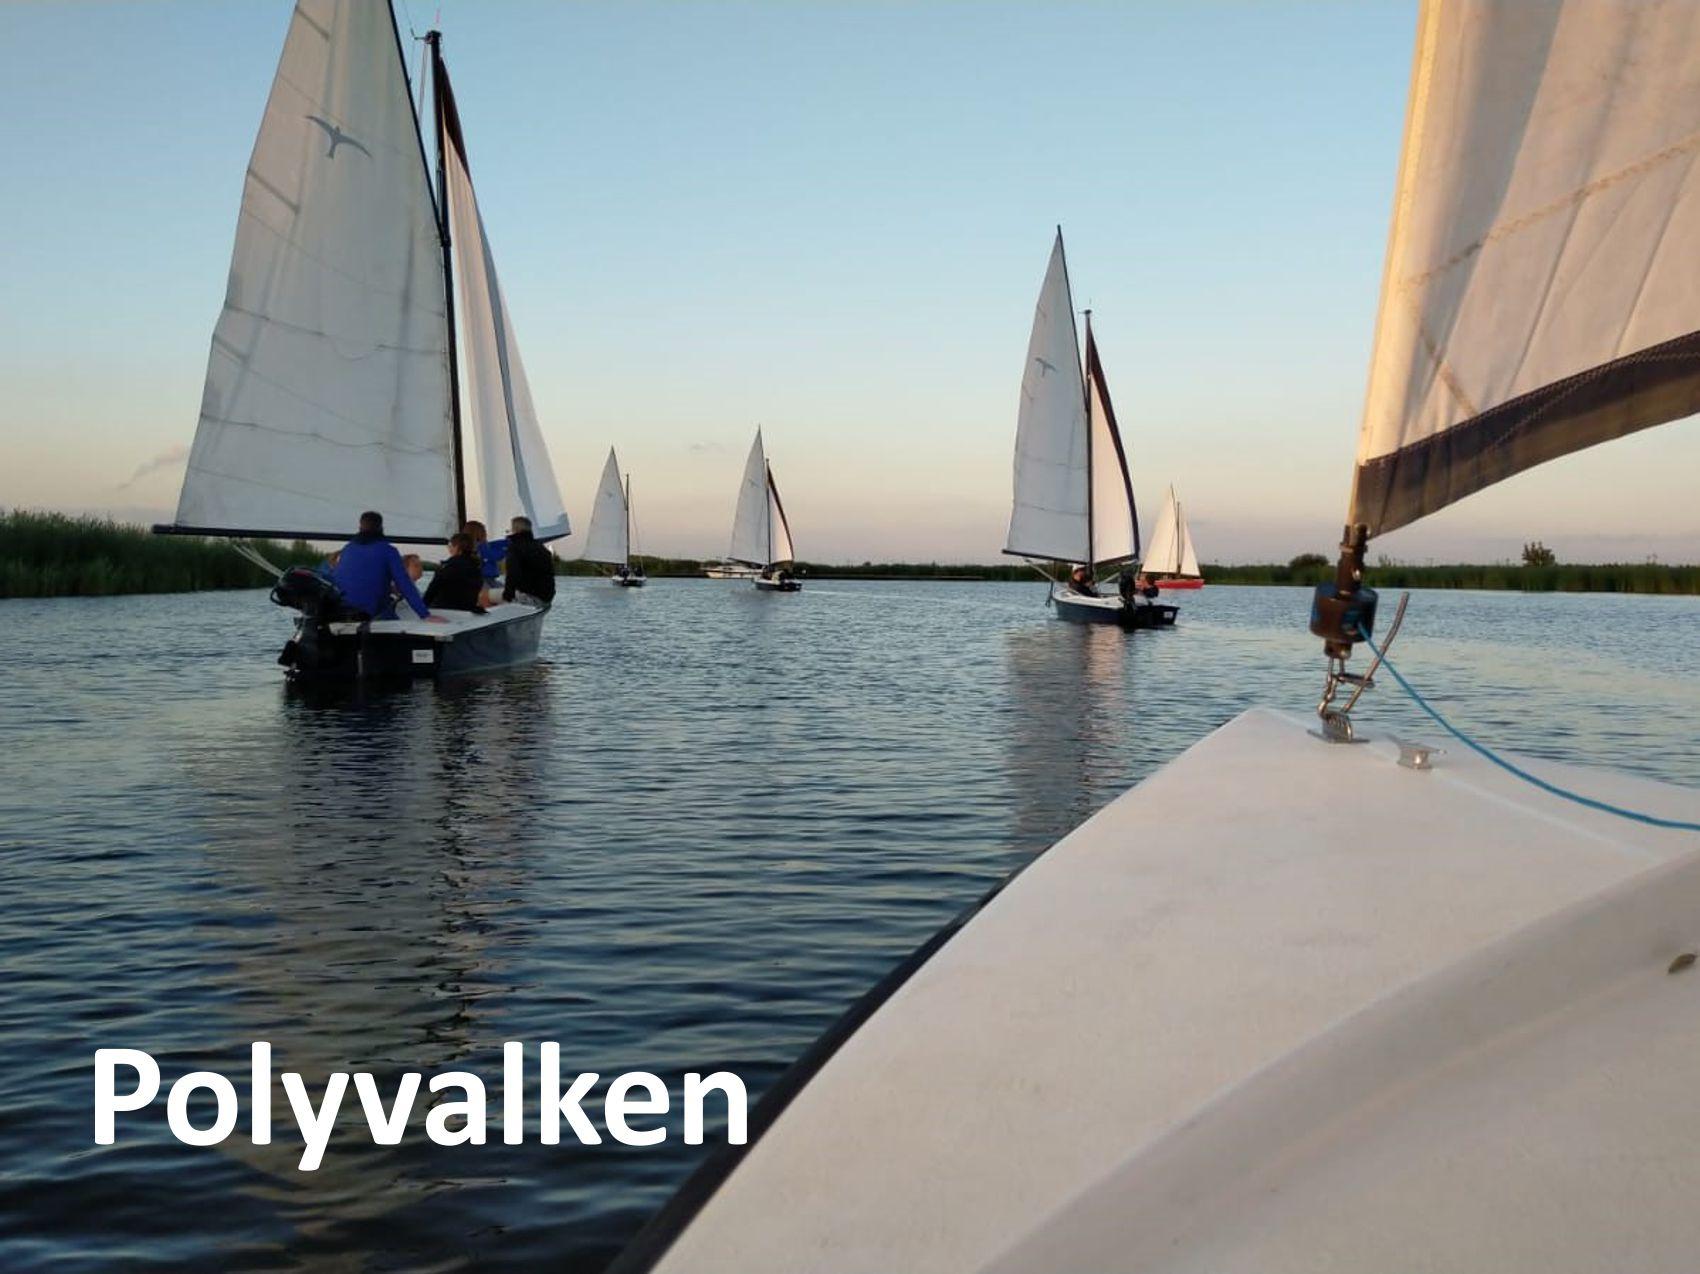 Polyvalk_Zeilboot_Huren_Varen_Jachthaven_de_Watervriend_Friesland